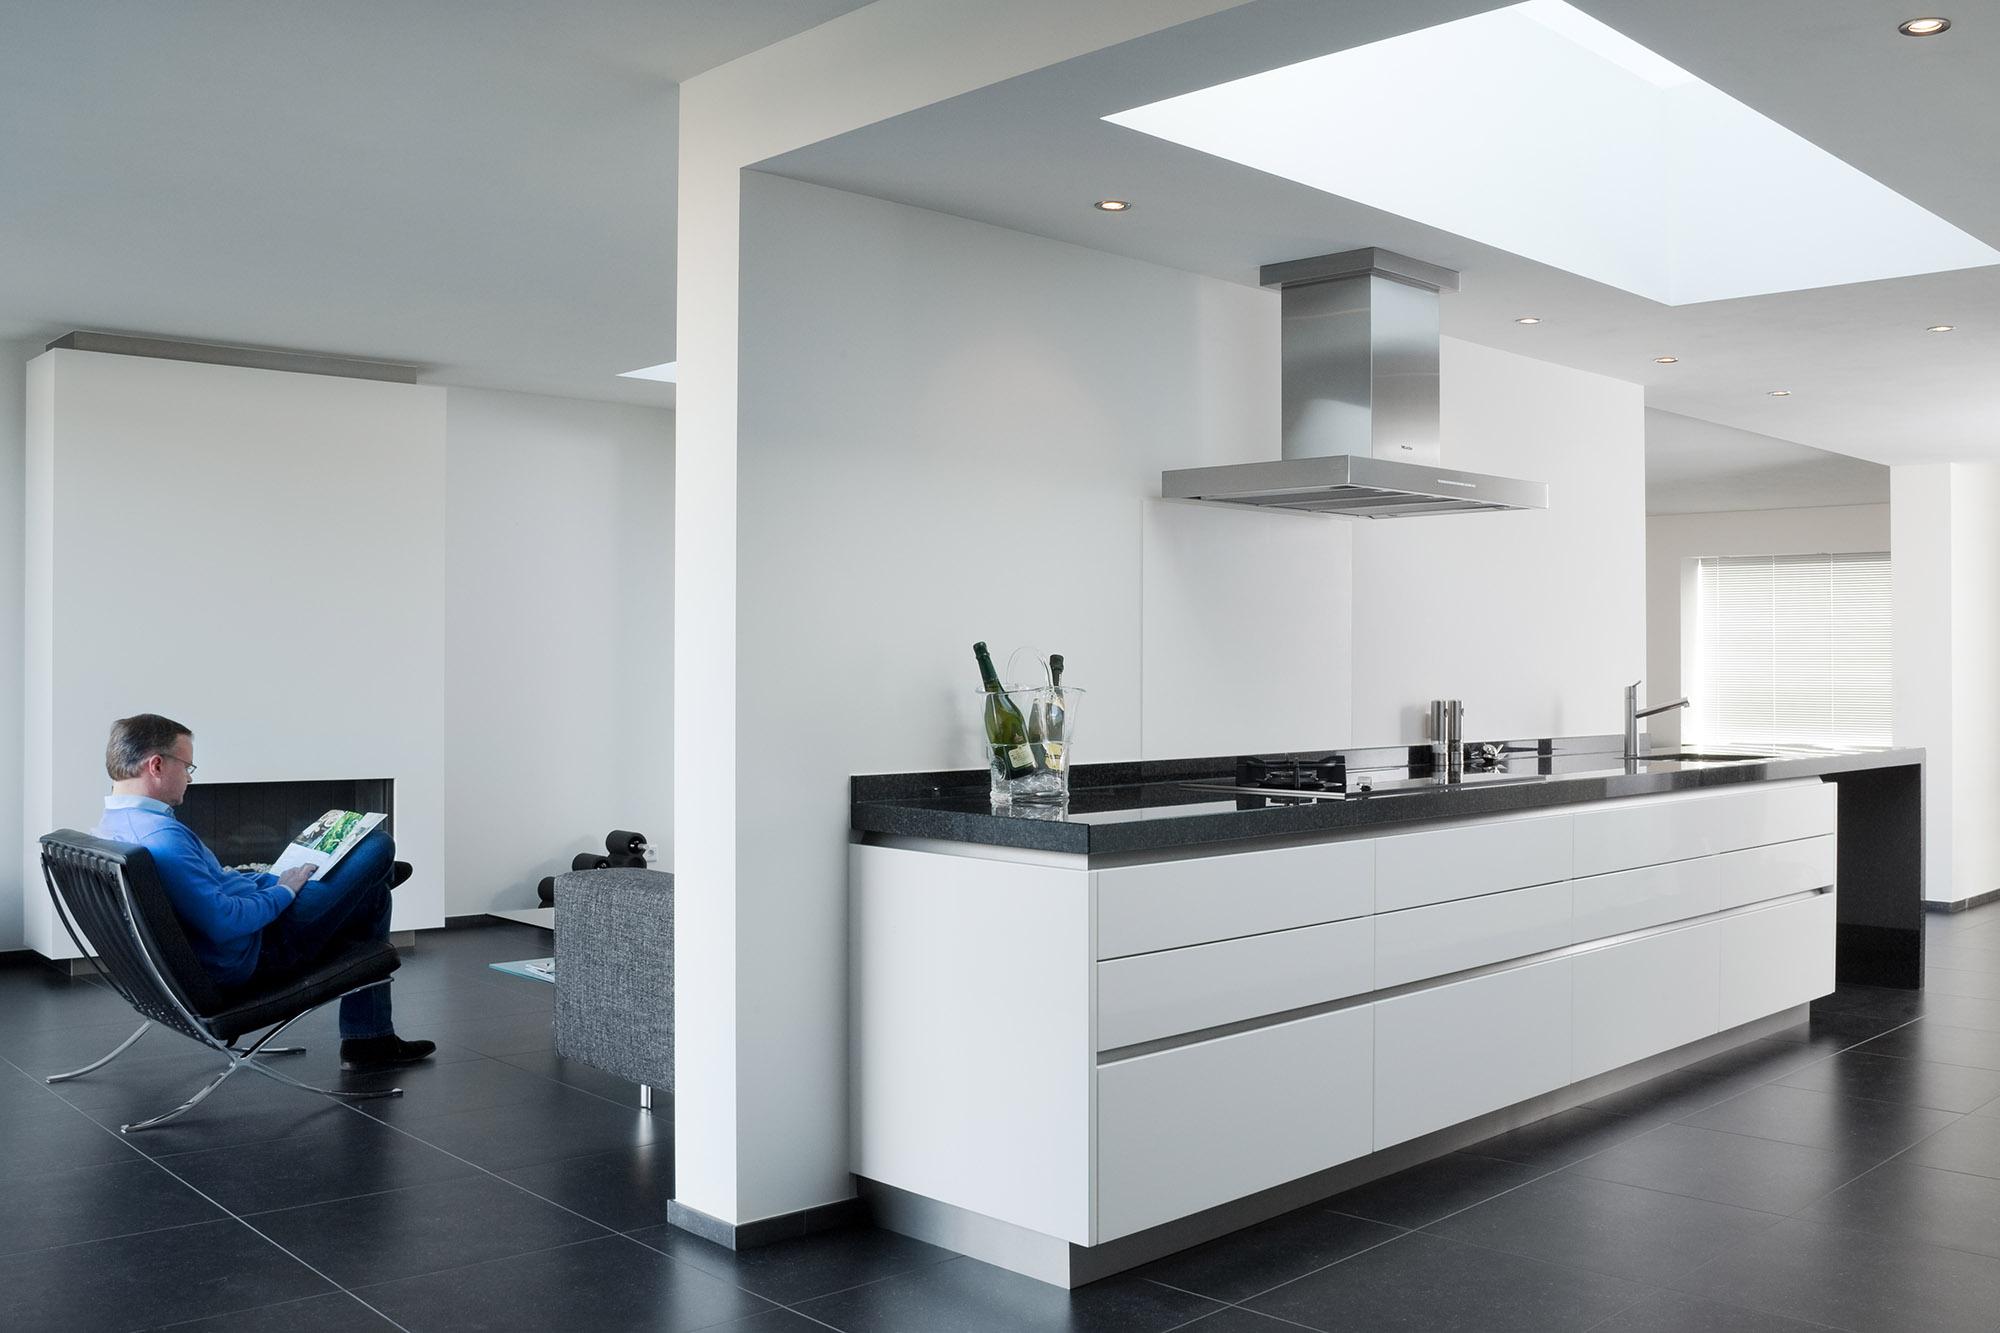 SPUISERS interieur fotografie keuken modern Huntjens interieurbouw